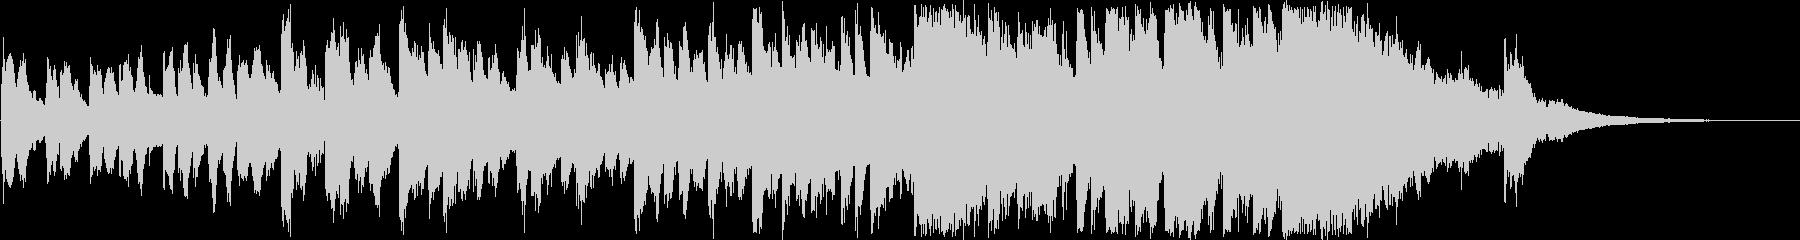 明るい・前向きなオーケストラ(30秒)の未再生の波形